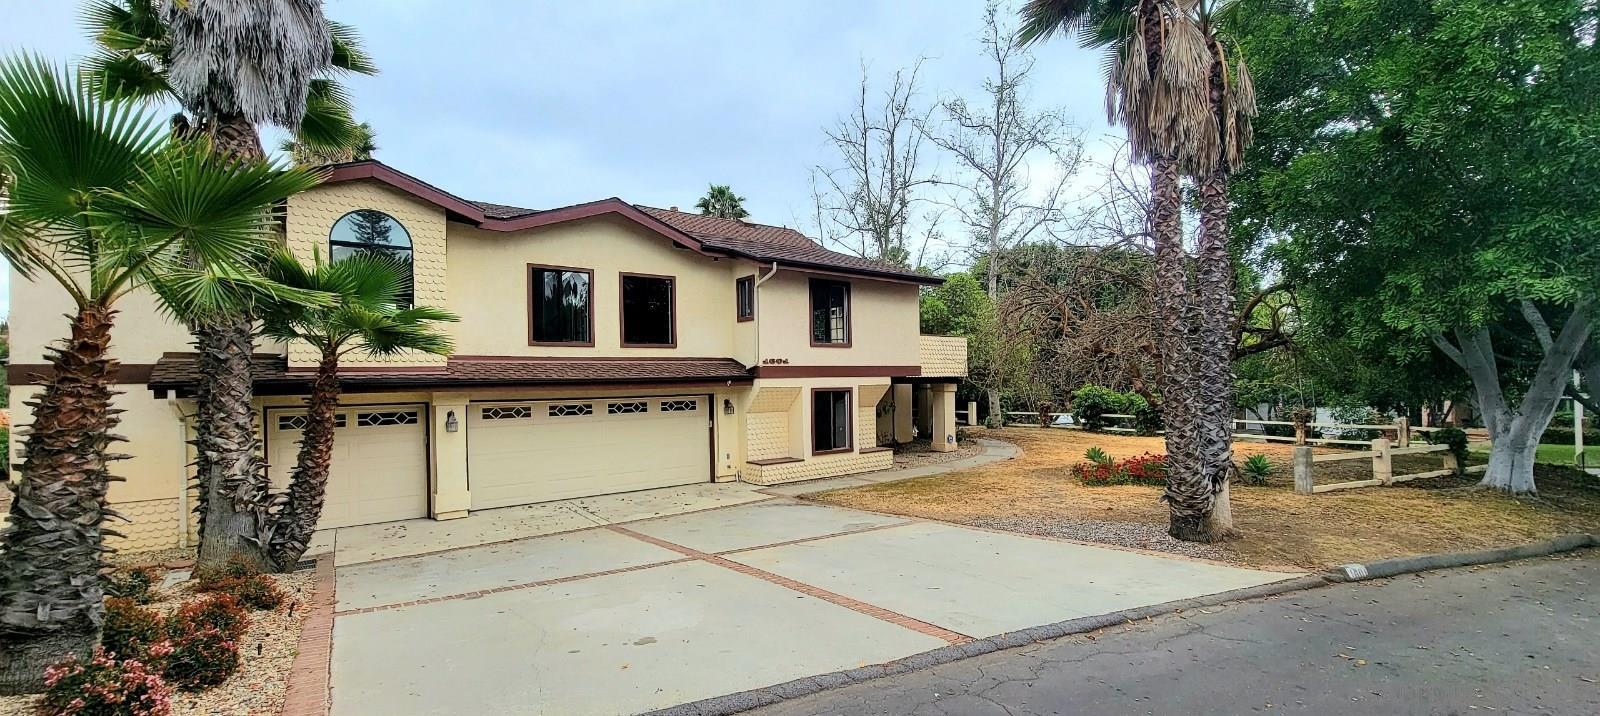 1601 Mesa Verde Dr., Vista, CA 92084